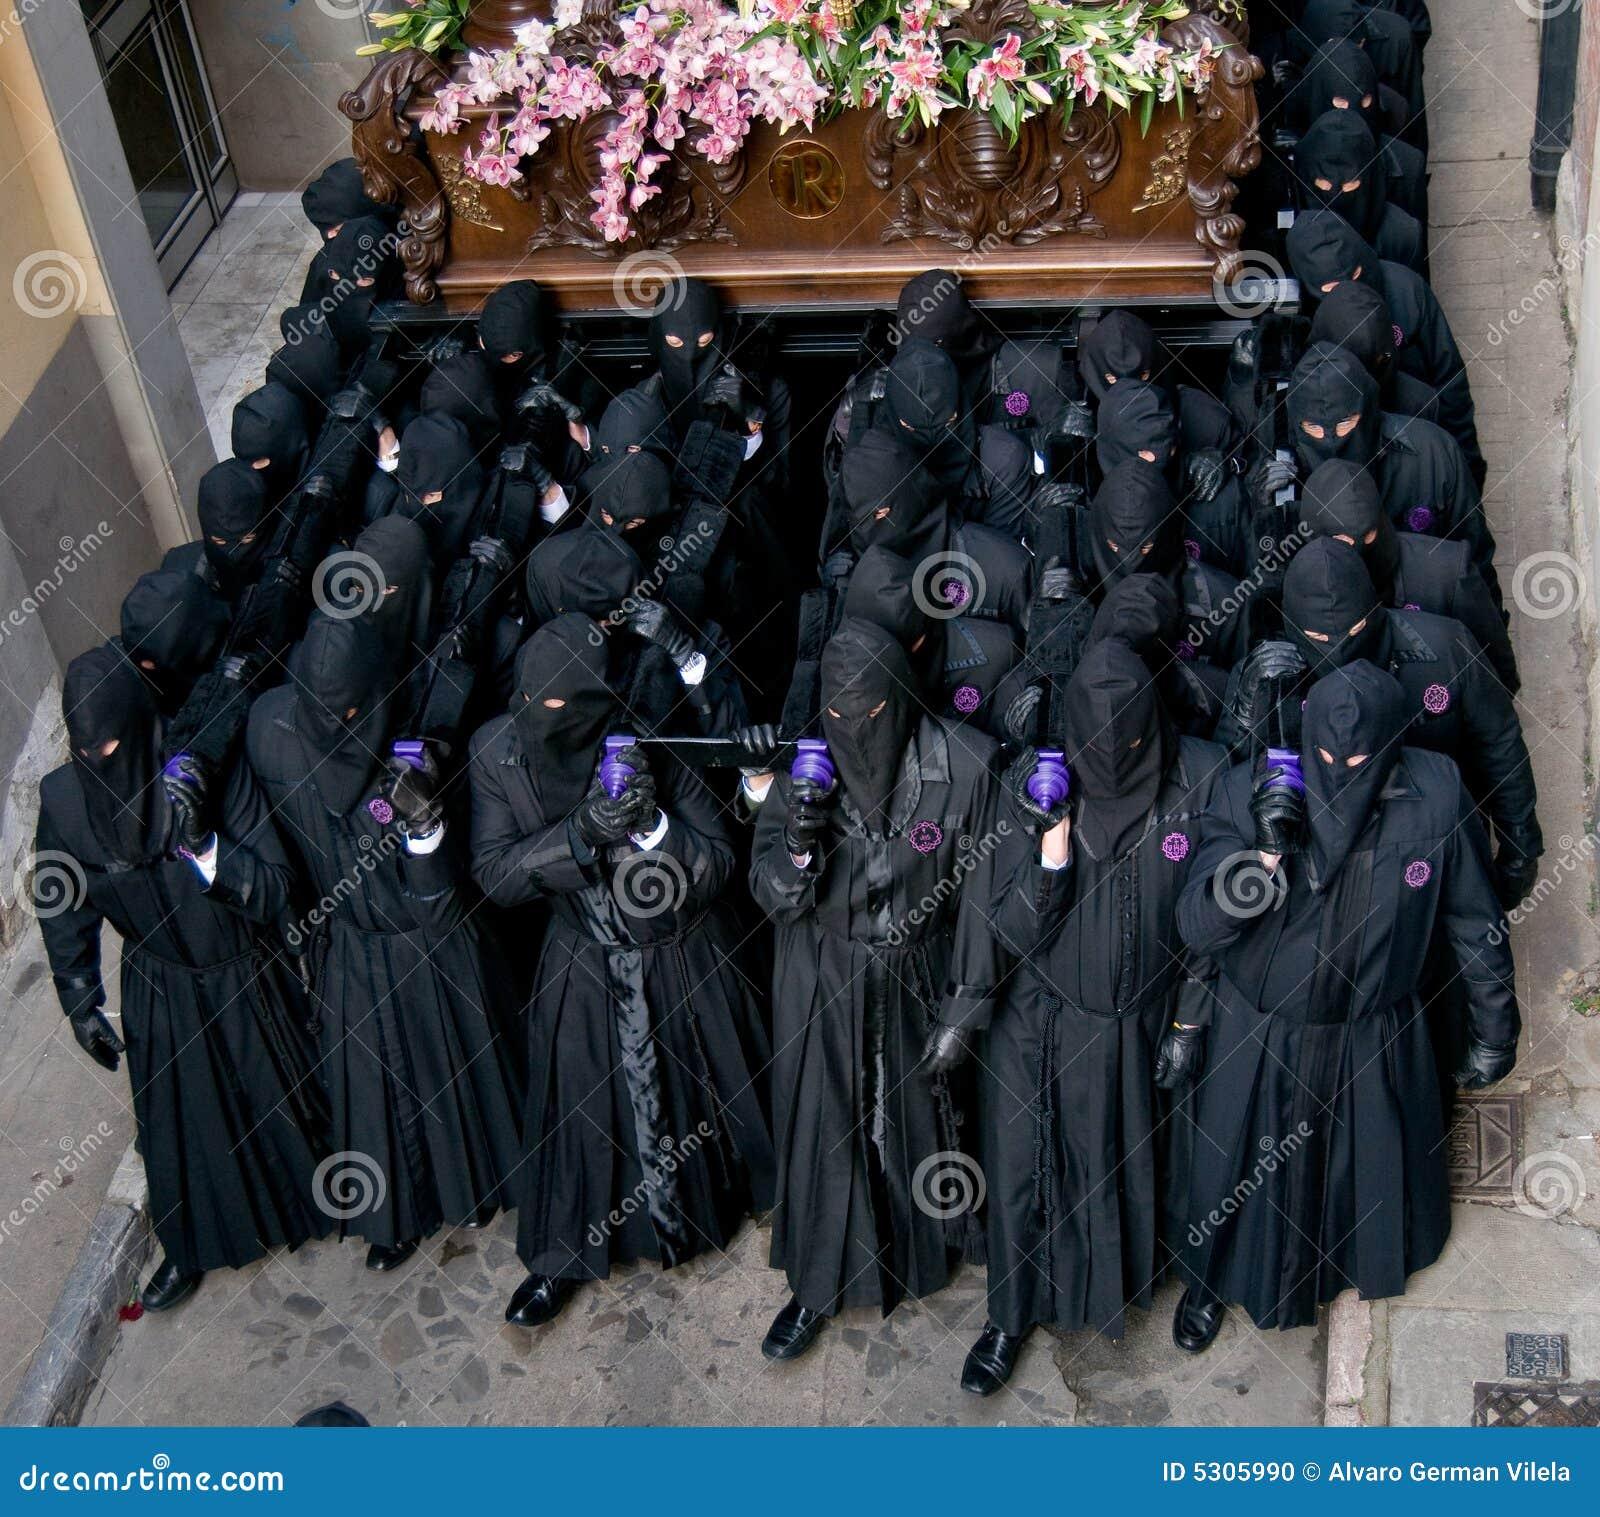 Download Processioni Religiose In Settimana Santa. La Spagna Fotografia Stock - Immagine di chiesa, pasqua: 5305990